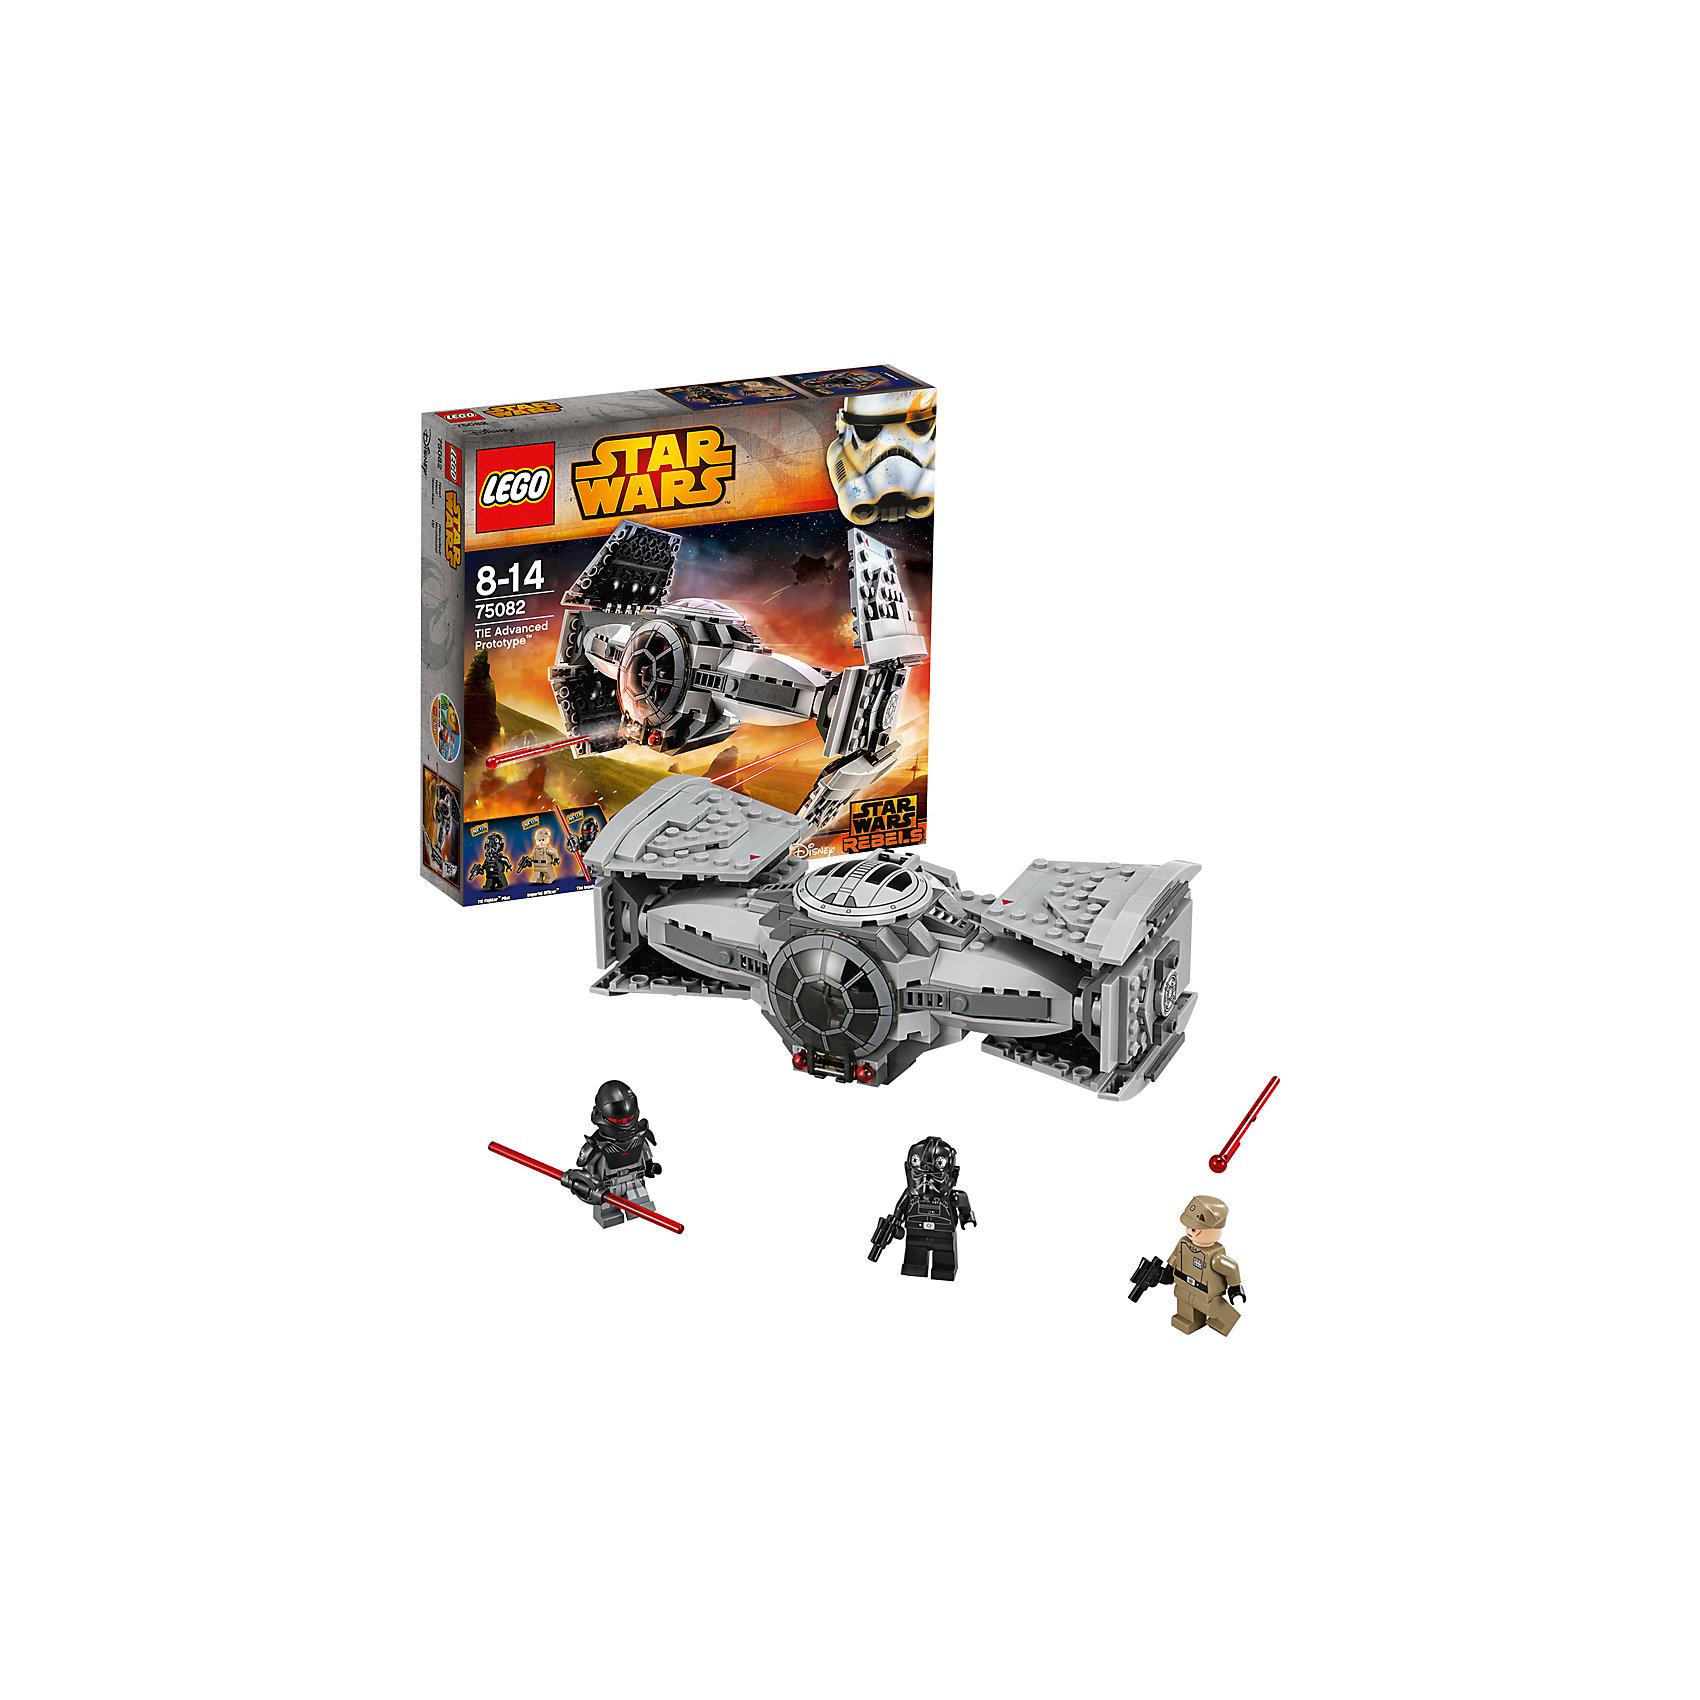 LEGO Star Wars 75082: Улучшенный Прототип TIE Истребителя (TIE Advanced Prototype™)Игрушки<br>В наборе LEGO Star Wars (ЛЕГО Звездные Войны) 75082: Улучшенный Прототип TIE Истребителя (TIE Advanced Prototype™) вы найдете детализированную модель усовершенствованного прототипа звездолета TIE со множеством подвижных деталей: люк кабины снимается (можно посадить фигурку), крылья истребителя складываются. Складные крылья представляют собой массивные энергетические батареи. Они способны накапливать излучение и преобразовывать его в боевые заряды. Мощь удара настолько велика, что способна полностью уничтожить звездолет противника. В комплектации также 3 мини-фигурки с оружием (имперский офицер, пилот истребителя TIE и Инквизитор). Все ключевые моменты и захватывающие космические приключения из разных эпизодов известнейшего фильма «Звездные Войны» в качестве увлекательного конструктора у Вас дома!<br><br>LEGO Star Wars (ЛЕГО Звездные войны) – это тематическая серия детских развивающих конструкторов по мотивам приключенческого мультфильма 2014 года «Звездные войны: Повстанцы». Ребенок сможет часами играть с конструктором, придумывая различные ситуации и истории из любимого мультфильма. В процессе игры с конструктором дети приобретают и постигают такие необходимые навыки как познание, творчество, воображение. Большое количество дополнительных элементов делает игровые сюжеты по-настоящему захватывающими и реалистичными. Все наборы ЛЕГО Звездные Войны соответствуют самым высоким европейским стандартам качества и абсолютно безопасны. <br><br>Дополнительная информация:<br>-Состав: 355 деталей, 3 мини-фигурки (инквизитор, пилот истребителя, имперский офицер), инструкция по сборке<br>-Размеры в упаковке: 28х26х5,6 см<br>-Размер звездолета 13 х 20 х 8<br>-Материал: пластик<br><br>LEGO Star Wars (ЛЕГО Звездные Войны) 75082: Улучшенный Прототип TIE Истребителя (TIE Advanced Prototype™) можно купить в нашем магазине.<br><br>Ширина мм: 284<br>Глубина мм: 266<br>Высота мм: 63<br>Вес г: 52